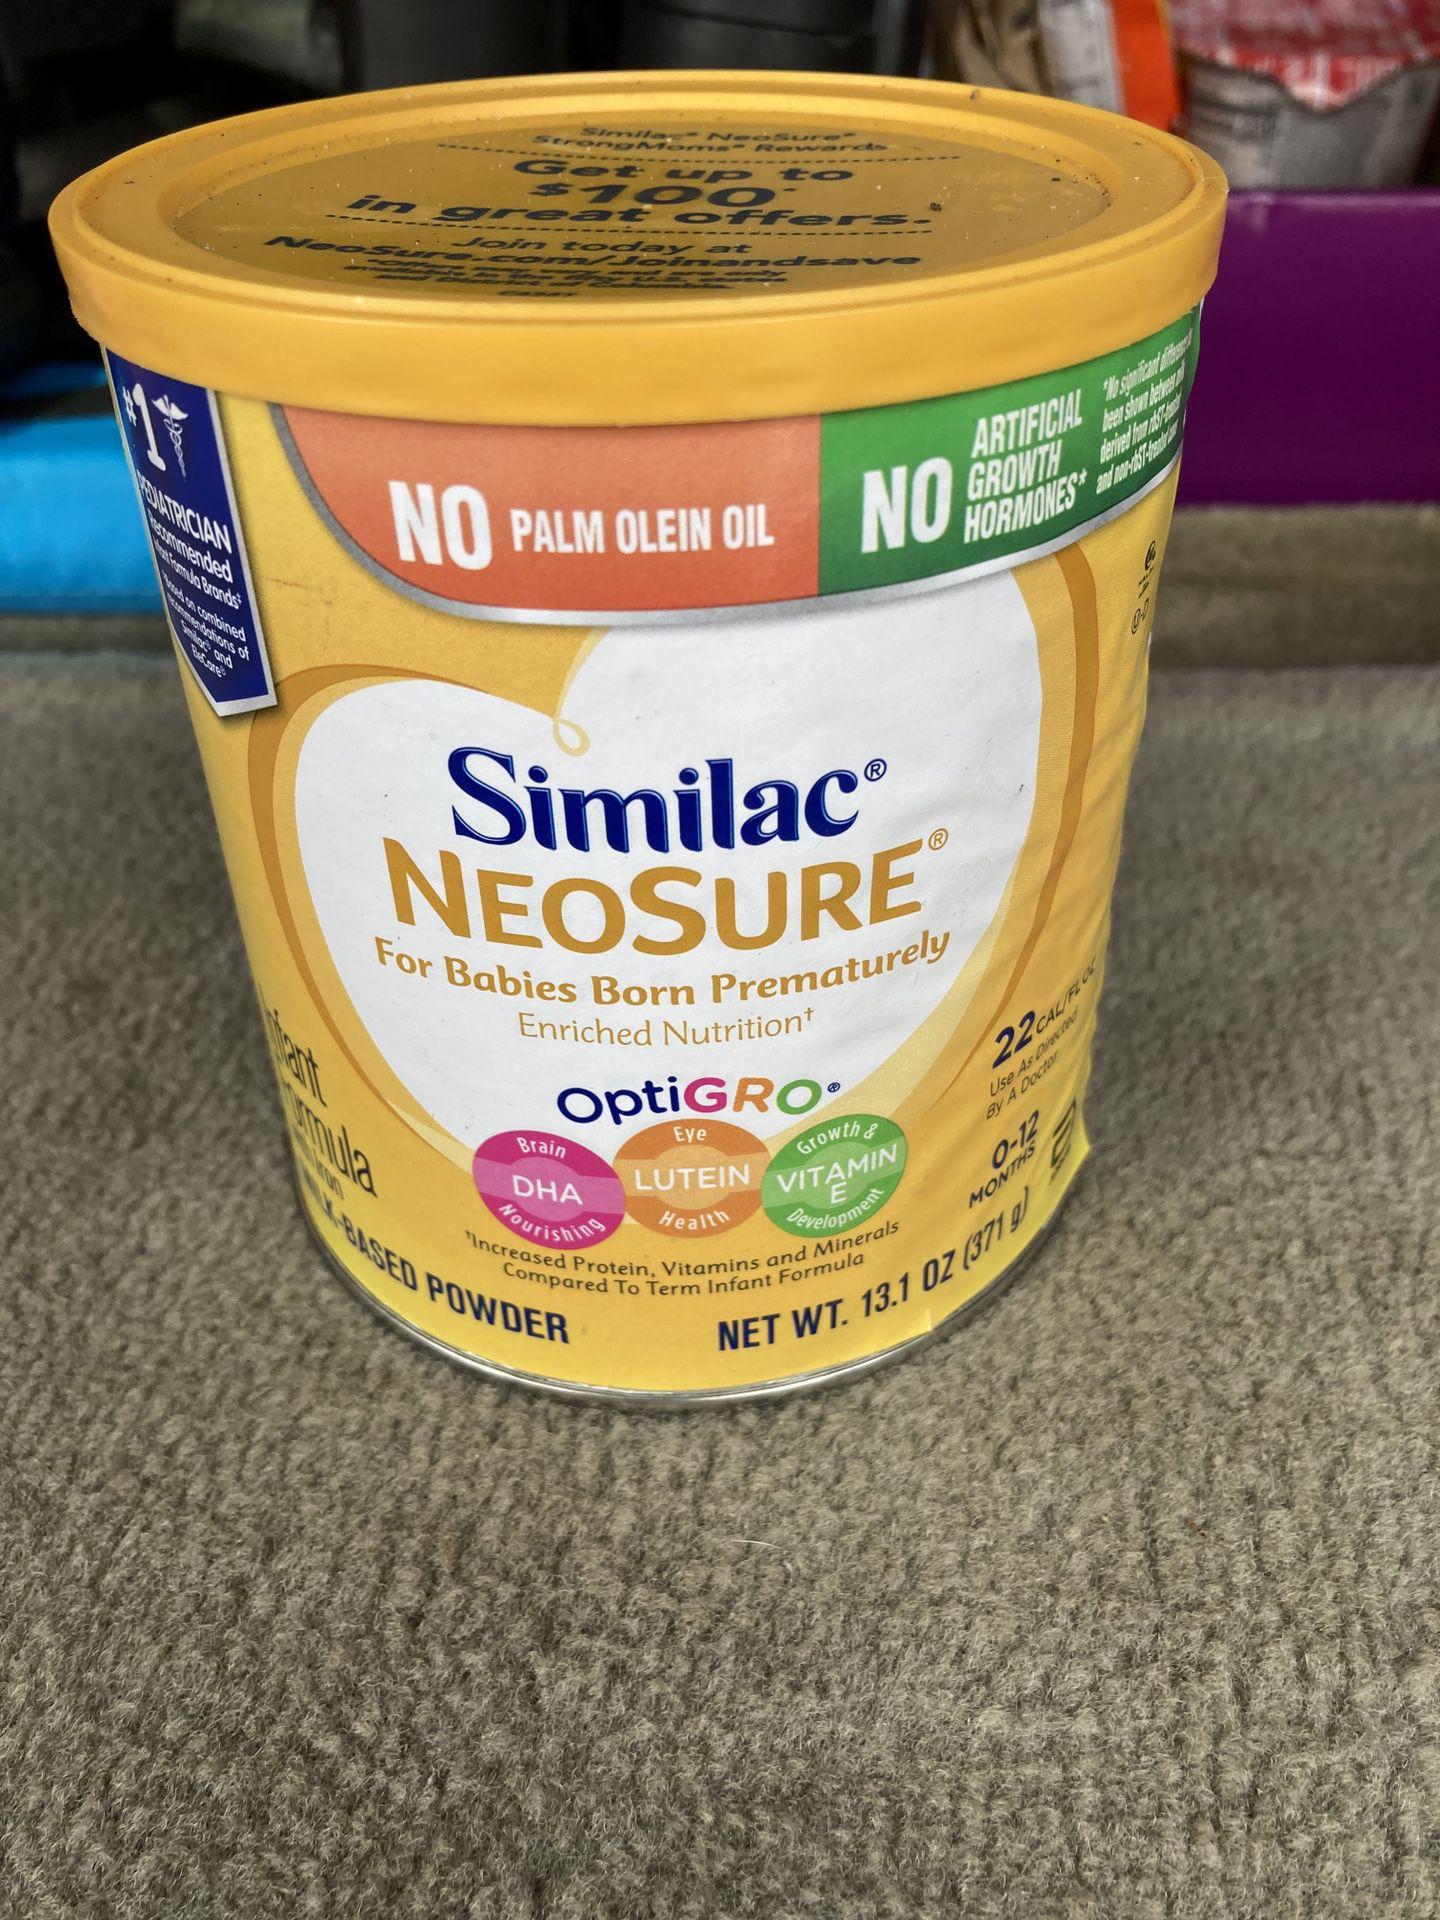 Similac 12.1 Oz Neosure 22 Calories Infant Formula